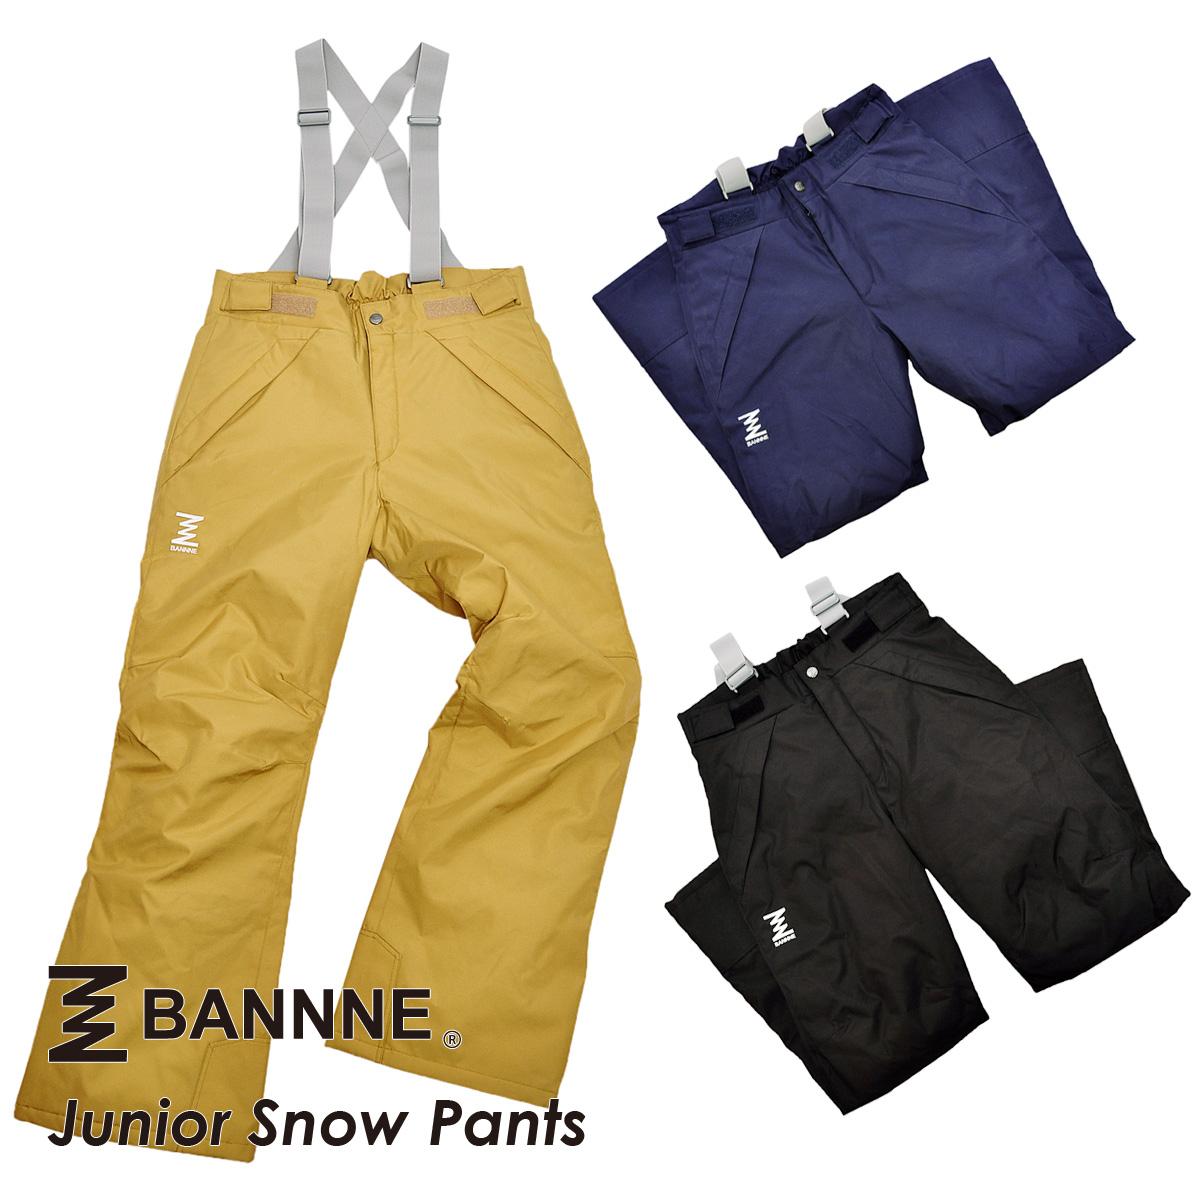 楽スポスーパーセール 最新モデル BANNNE バンネ BNS-90J 海外 JUNIOR PANTS ボーイズ スノーパンツ 買い取り ジュニア ガールズ 子供用 スキーパンツ